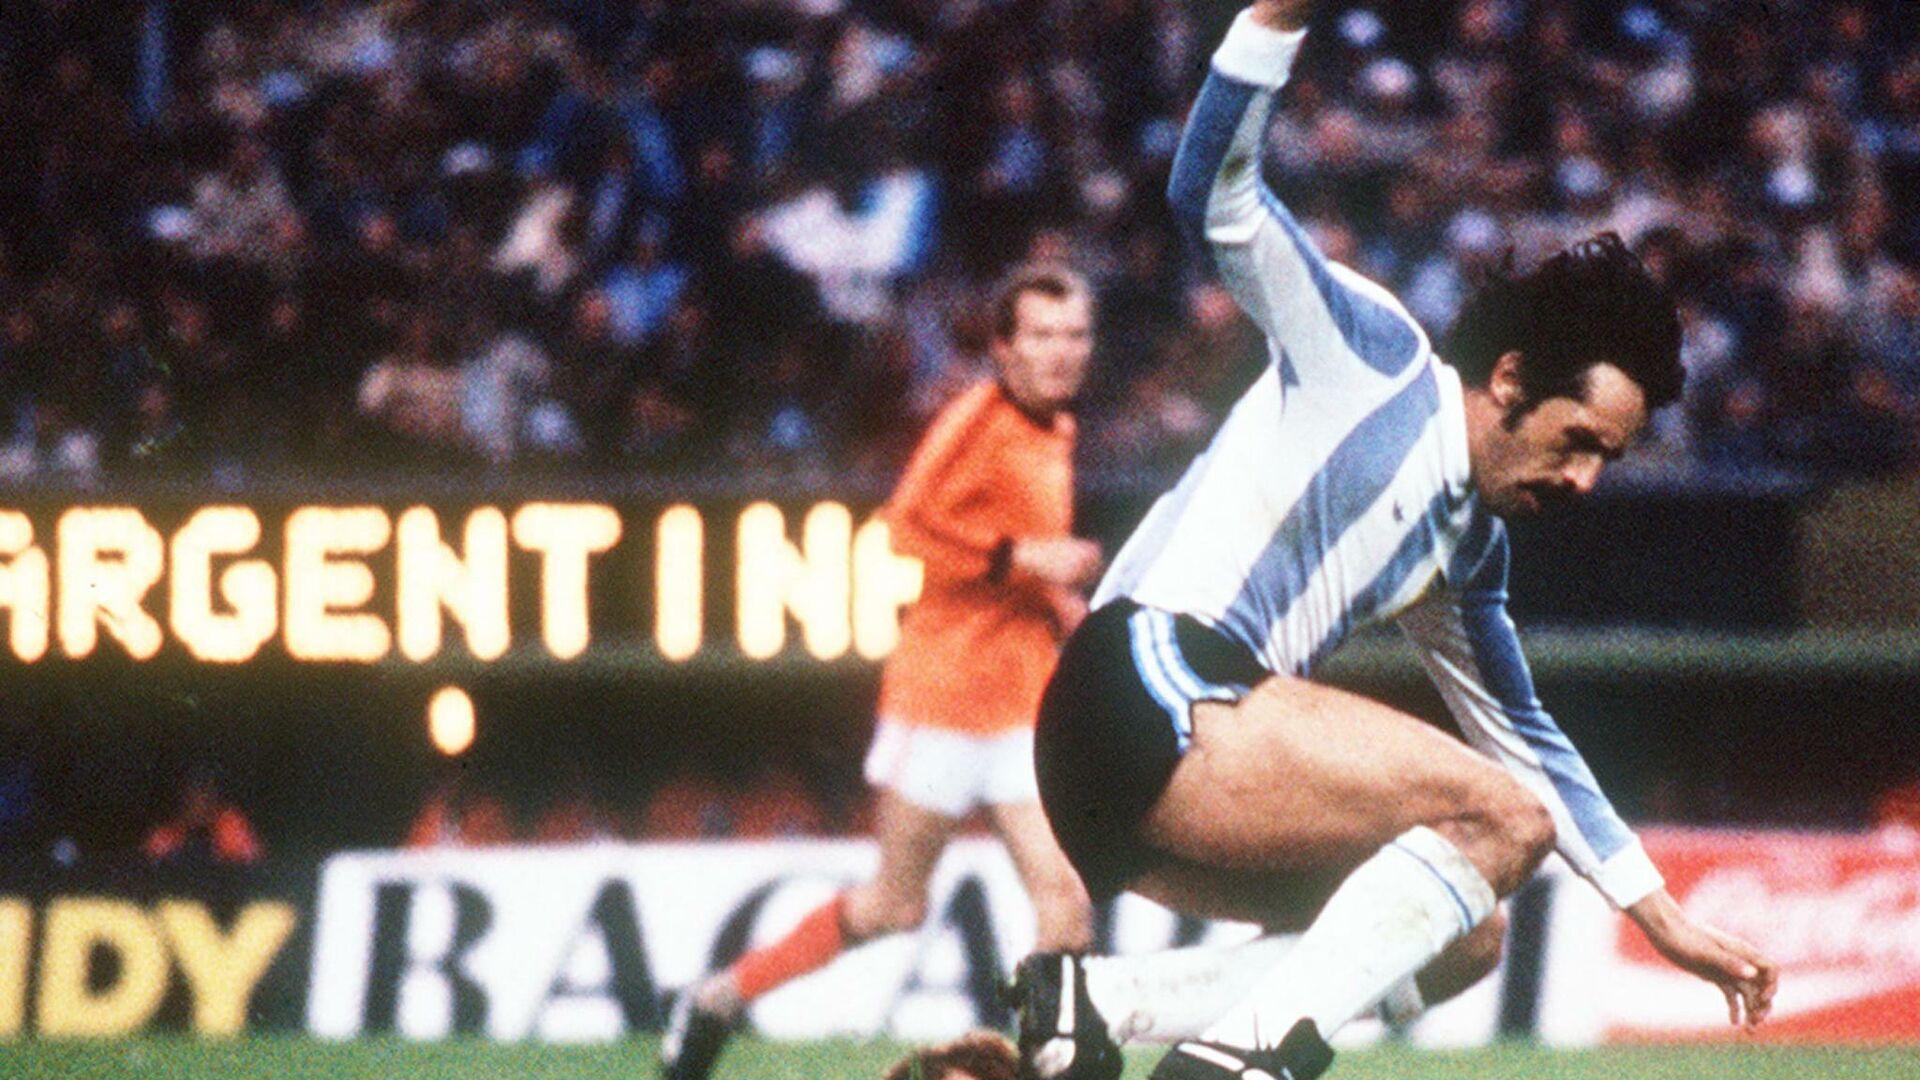 El futbolista argentino Leopoldo Luque durante la final del Mundial de 1978 - Sputnik Mundo, 1920, 15.02.2021